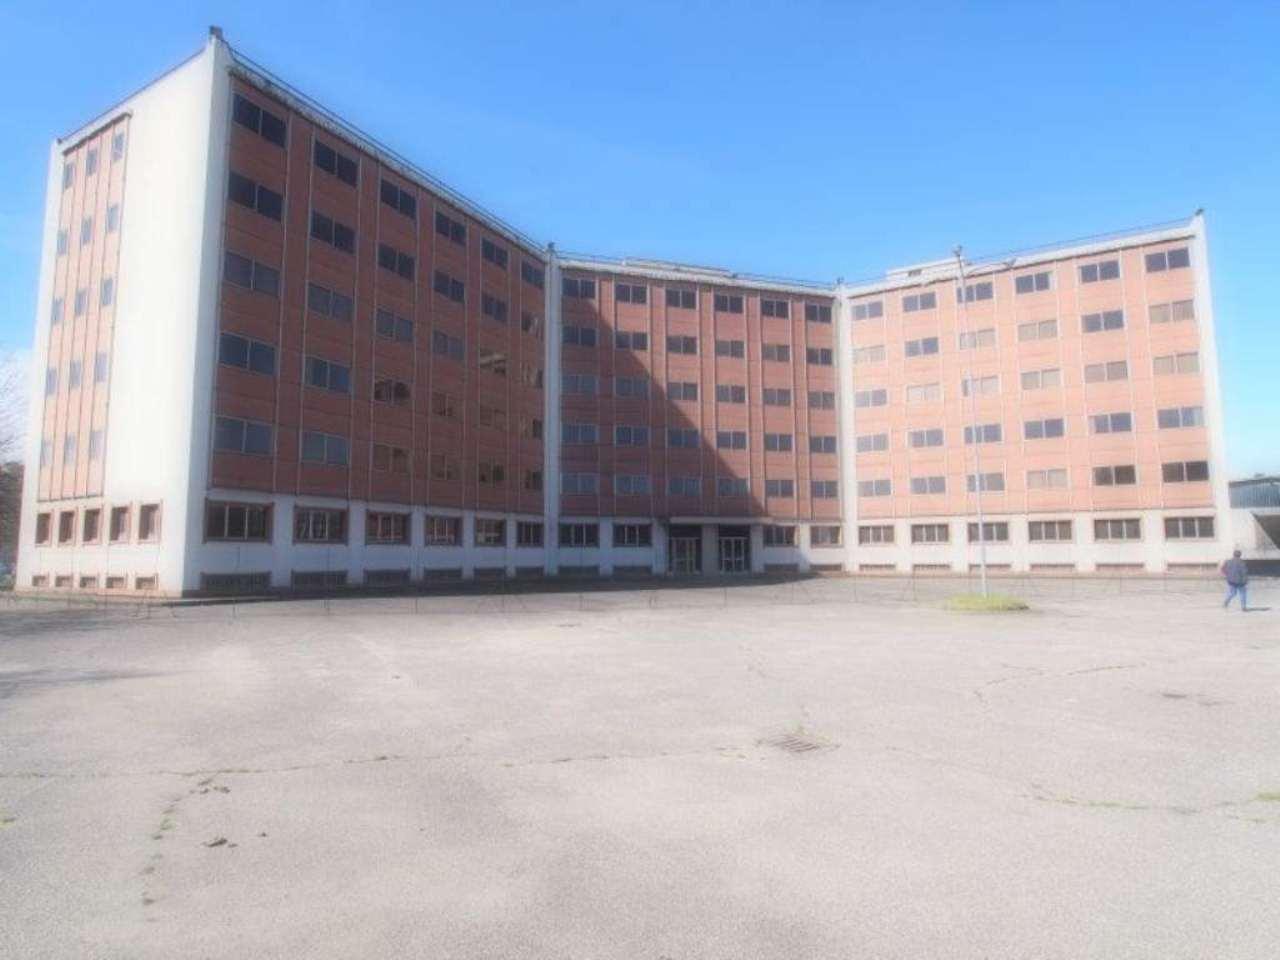 Immagine immobiliare In zona Pescarito, affittasi palazzina uffici + magazzini per complessivi 5809 mq. Dieci box auto. Da ristrutturare